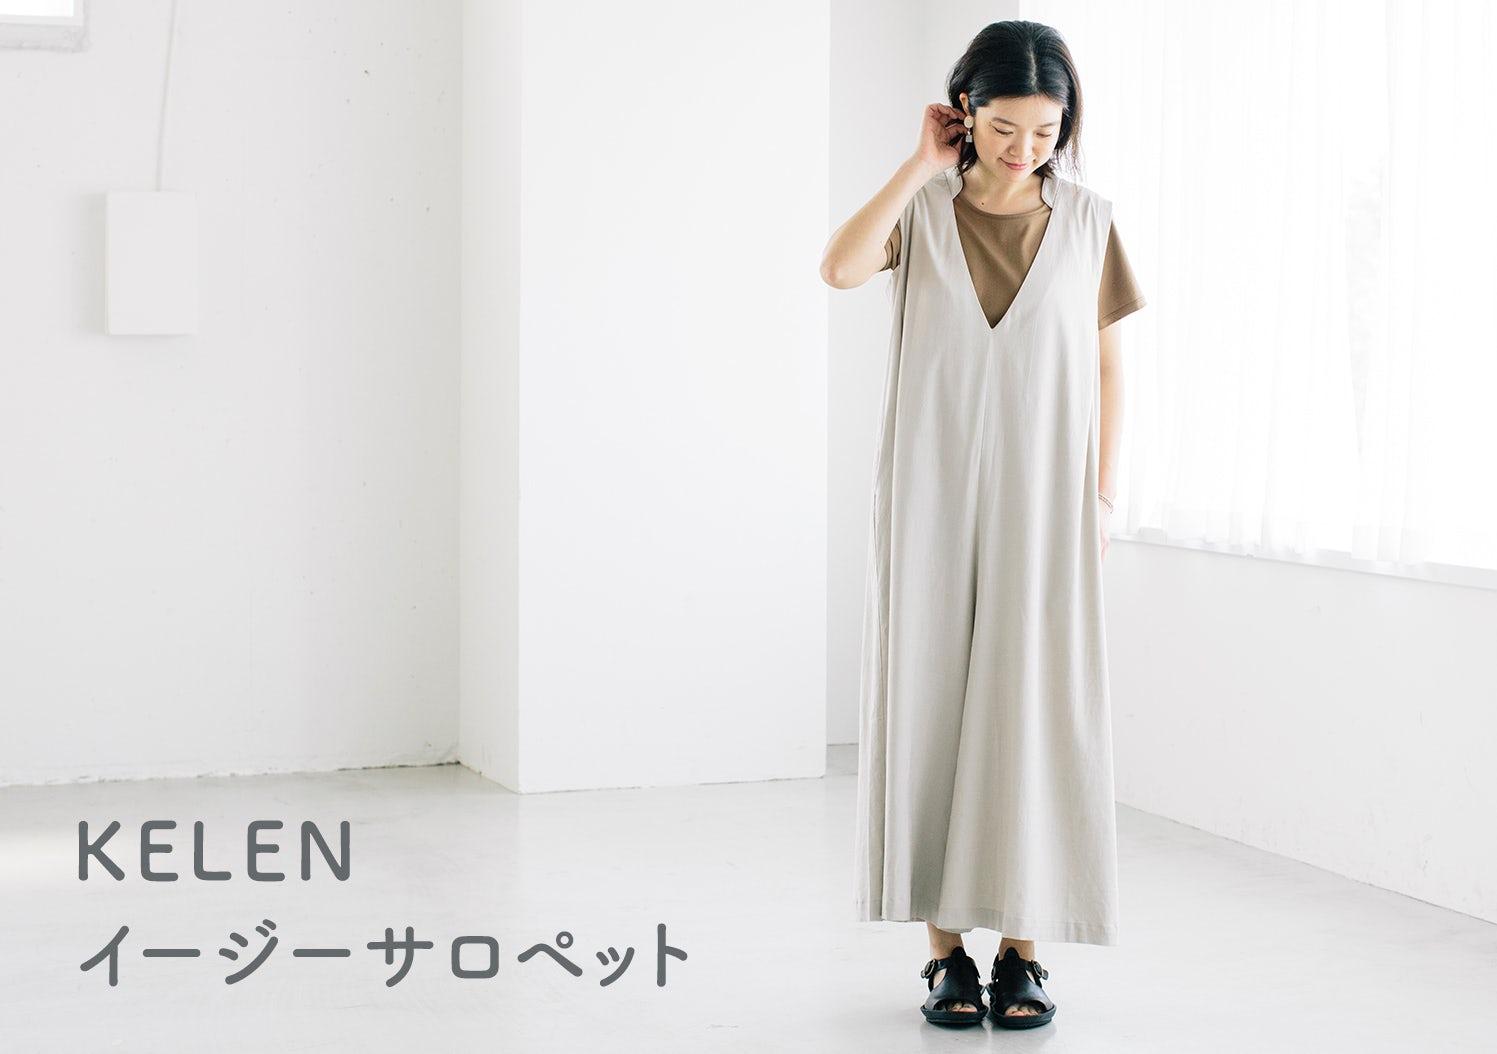 KELEN / イージーサロペットの画像